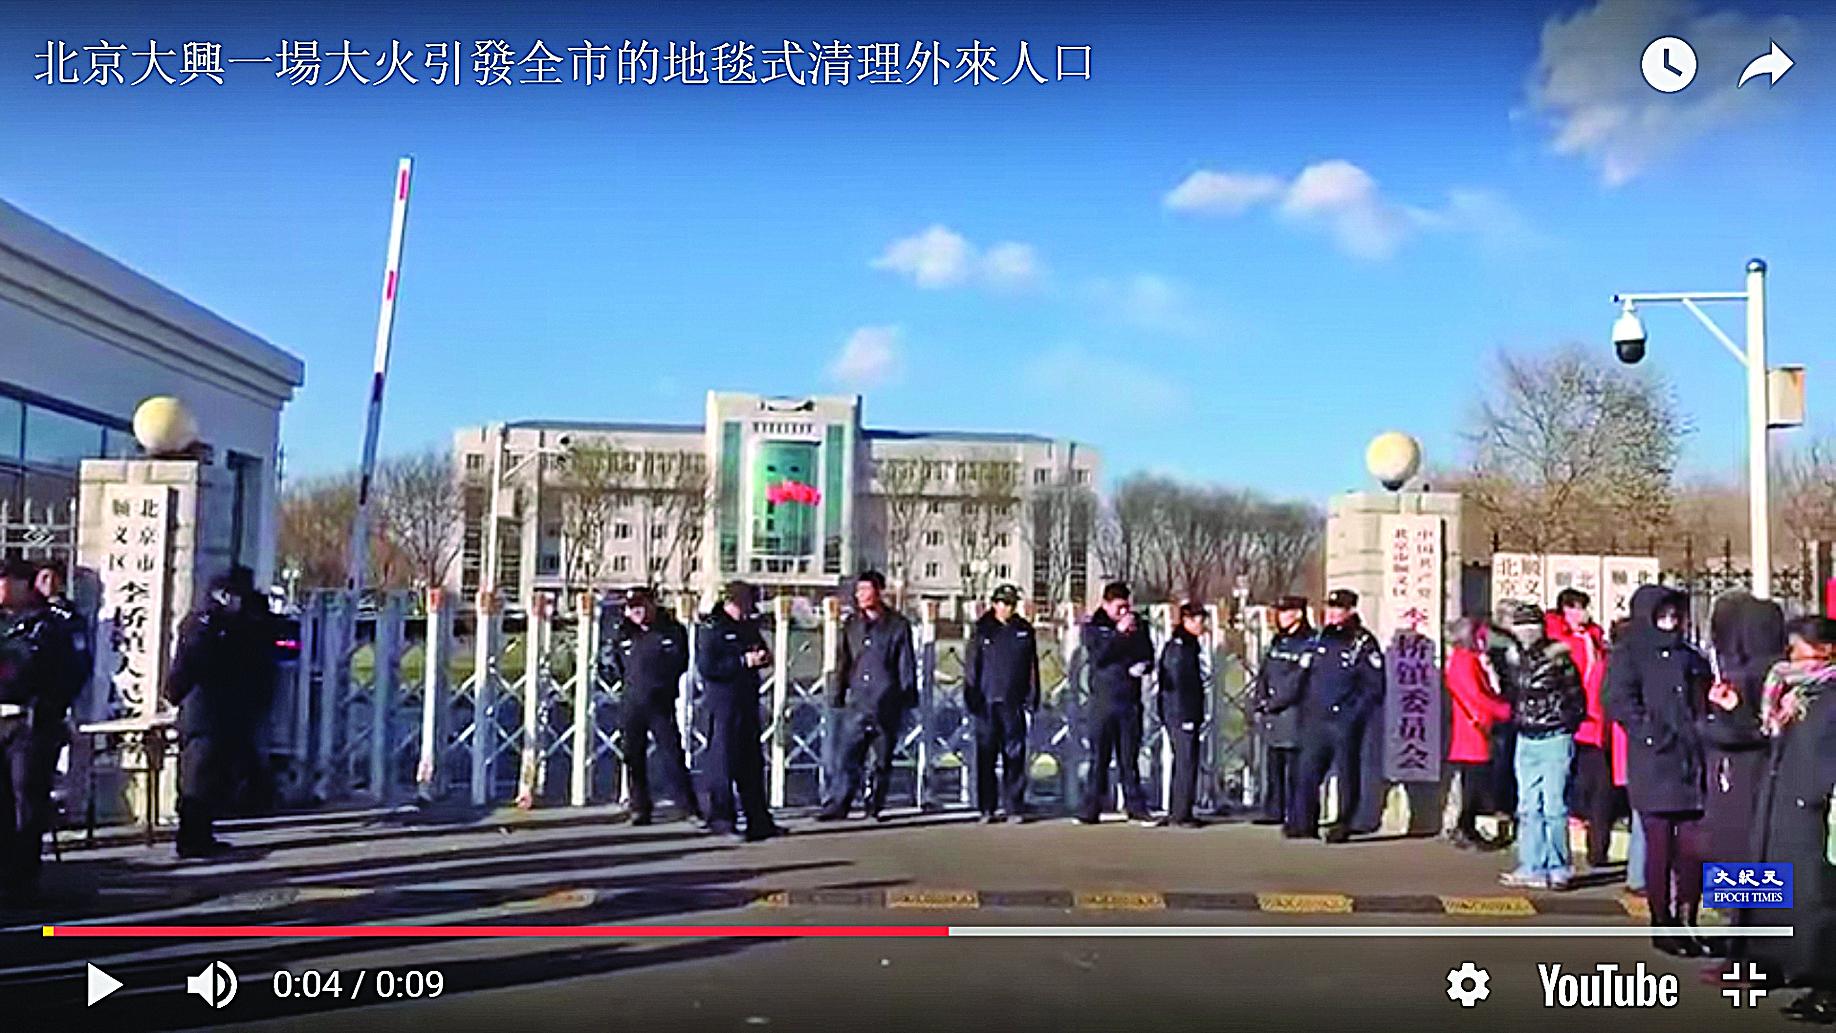 11月18日,大興公寓火災後,北京當局啟動了驅逐「低端人口」的行動。(影片截圖)